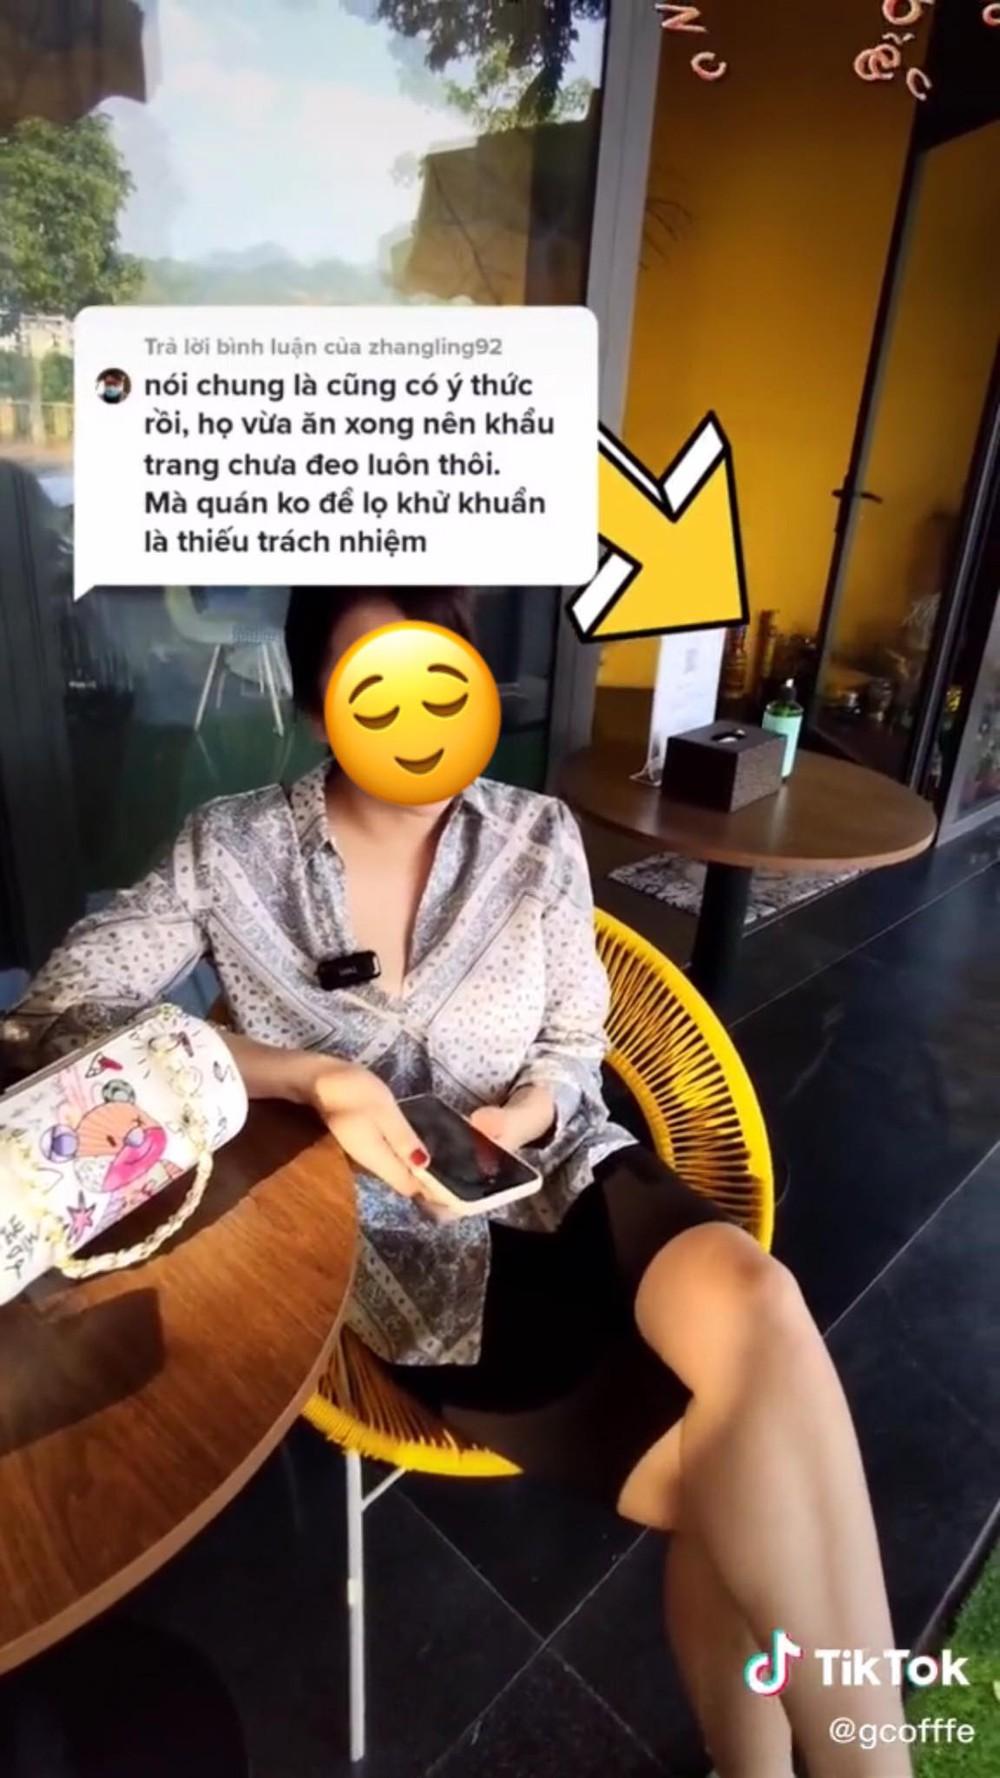 Ra khỏi quán cafe, người phụ nữ liền sát khuẩn tay nhưng sự hoang mang của nhân viên khiến tất cả thấy sai sai  - Ảnh 3.